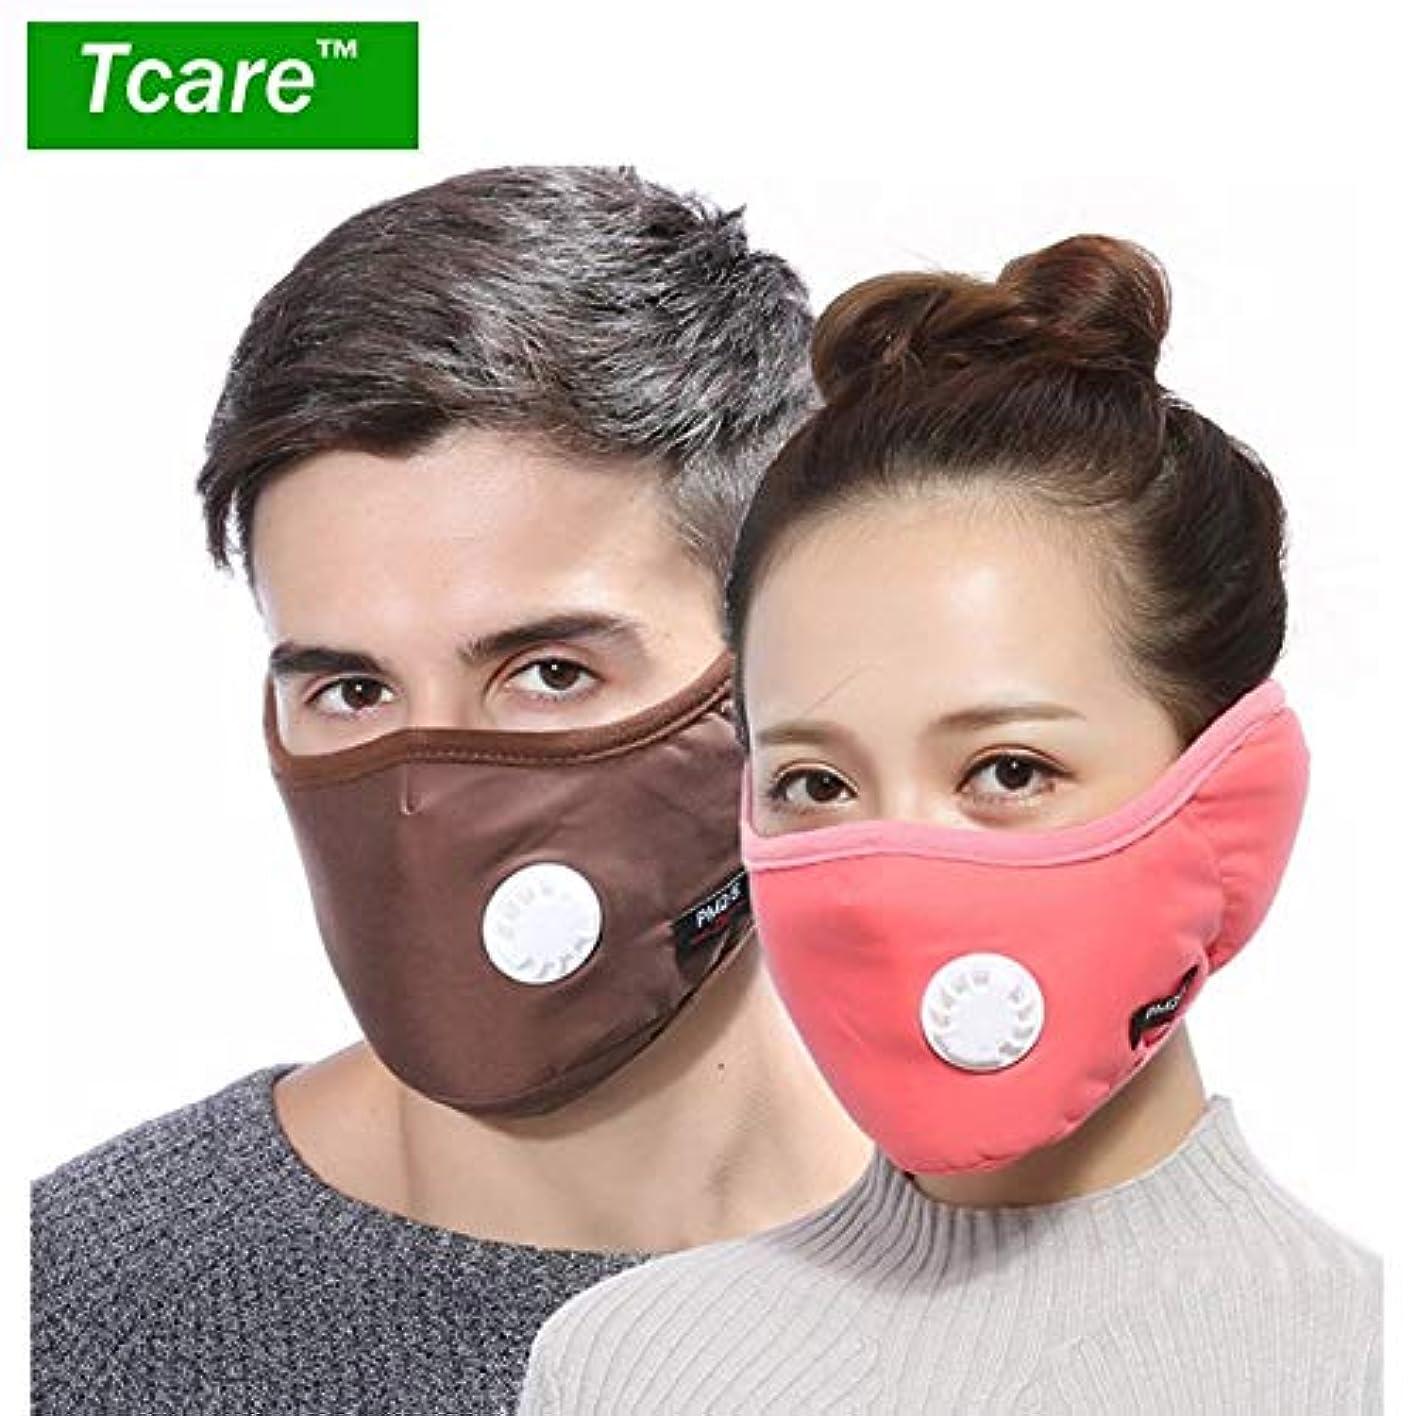 ライバル犯す耐えられる7グレー:1 PM2.5マスクバルブコットンアンチダスト口マスクの冬のイヤーマフActtedフィルター付マスクでTcare 2